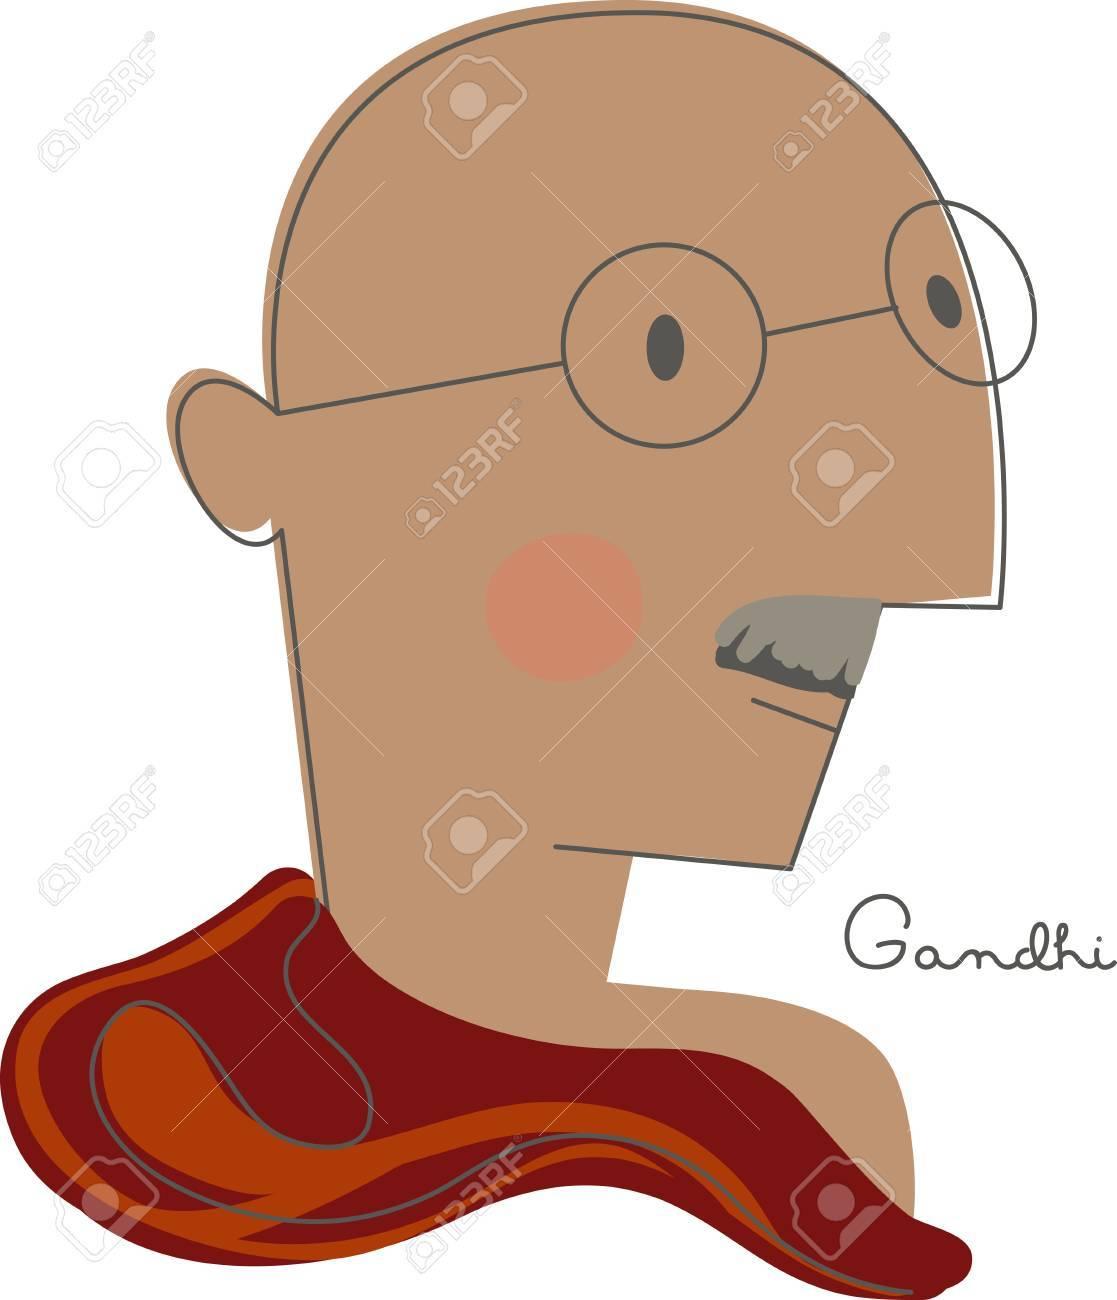 ガンジーの遺産と彼は衣類スカーフ刺繍枠にこのデザイン立っていた